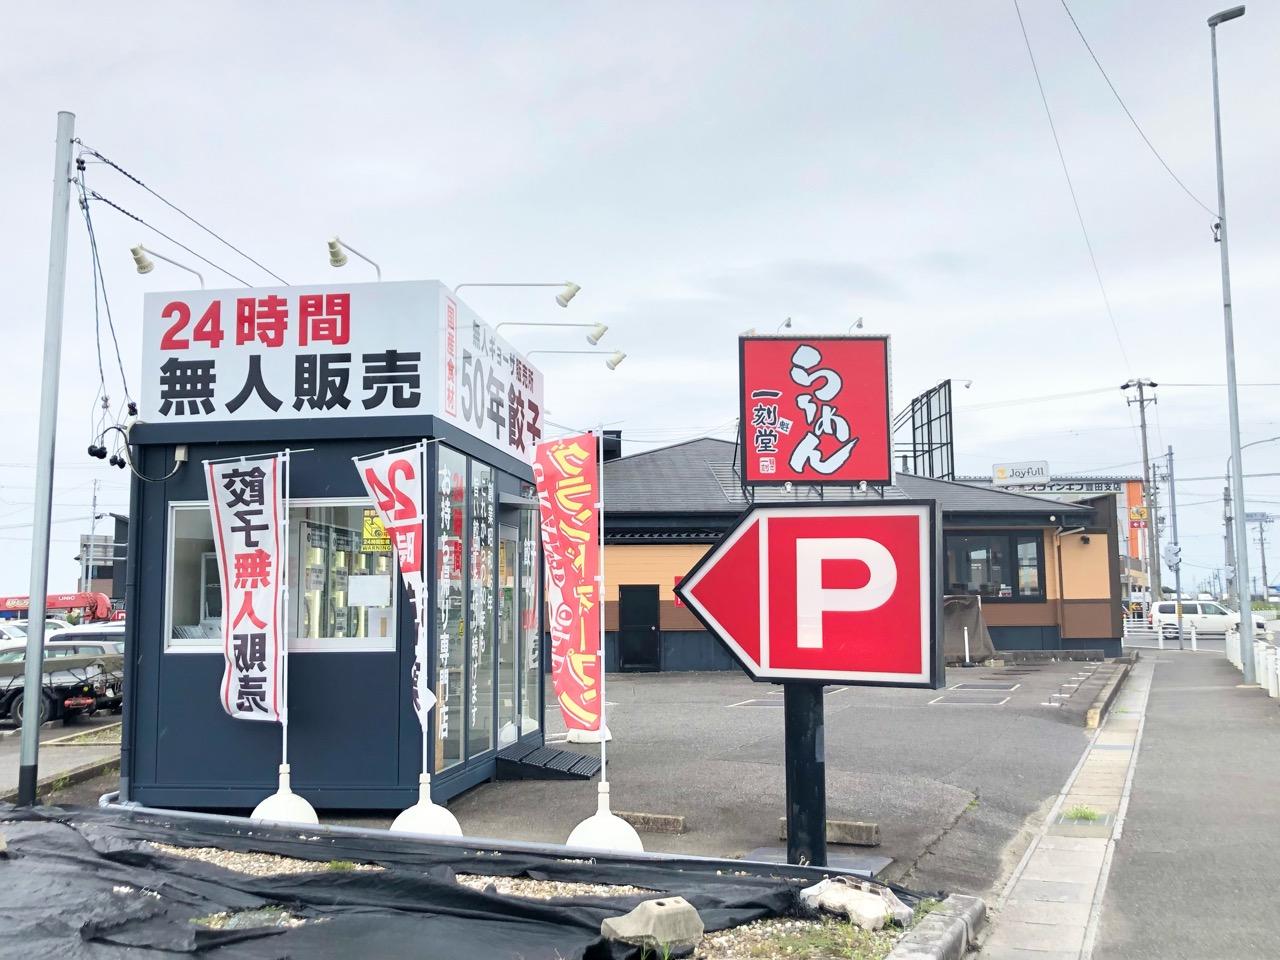 無人ギョーザ販売所「50年餃子」豊田福寿店